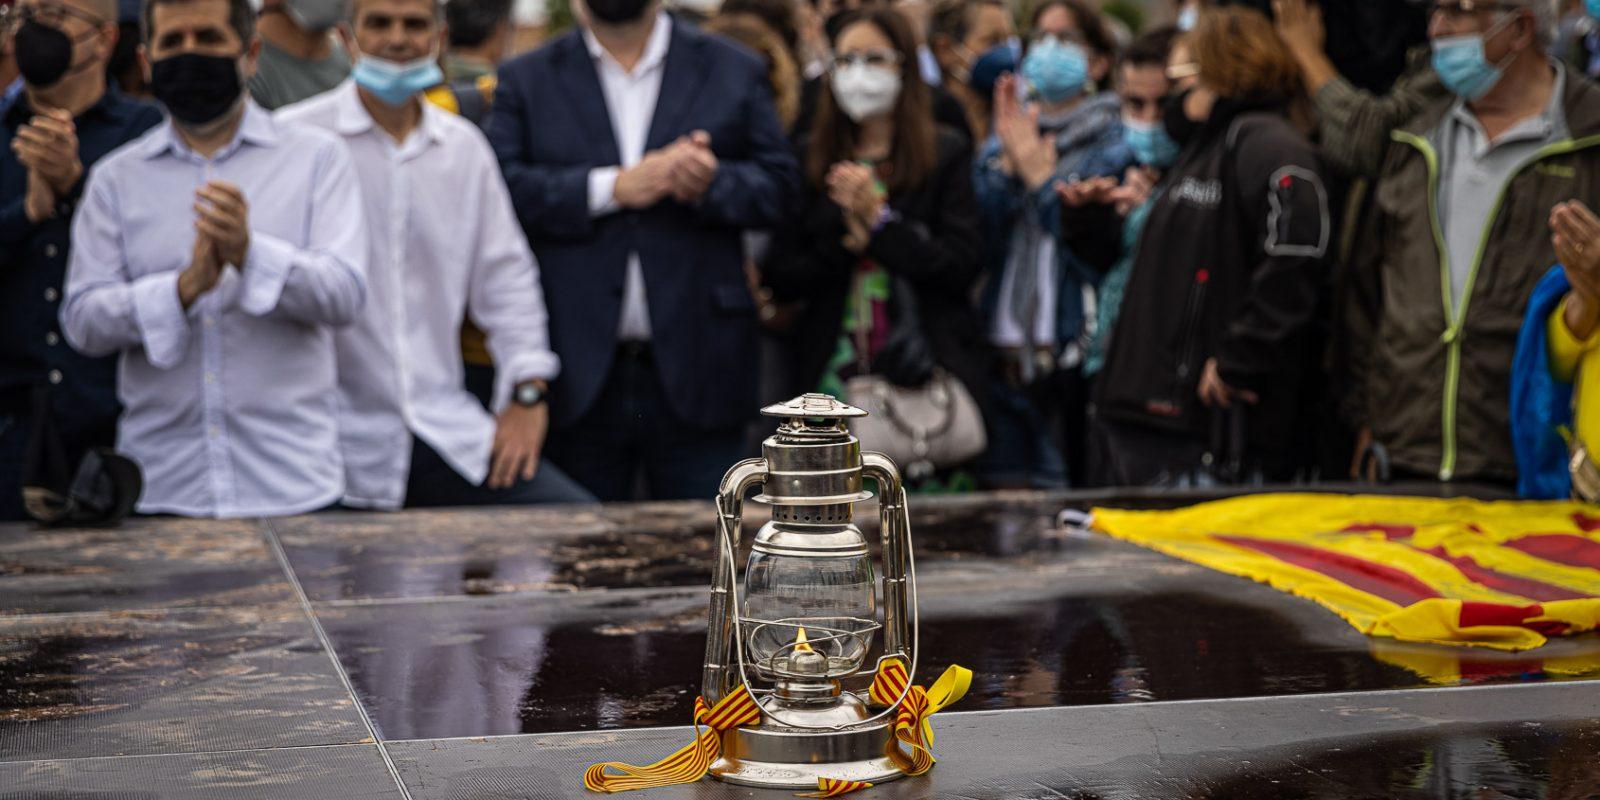 Sànchez, Turull i Junqueras, el dia de l'alliberament dels presos polítics de l'1-O per l'indult, a la sortida de Lledoners / Jordi Borràs